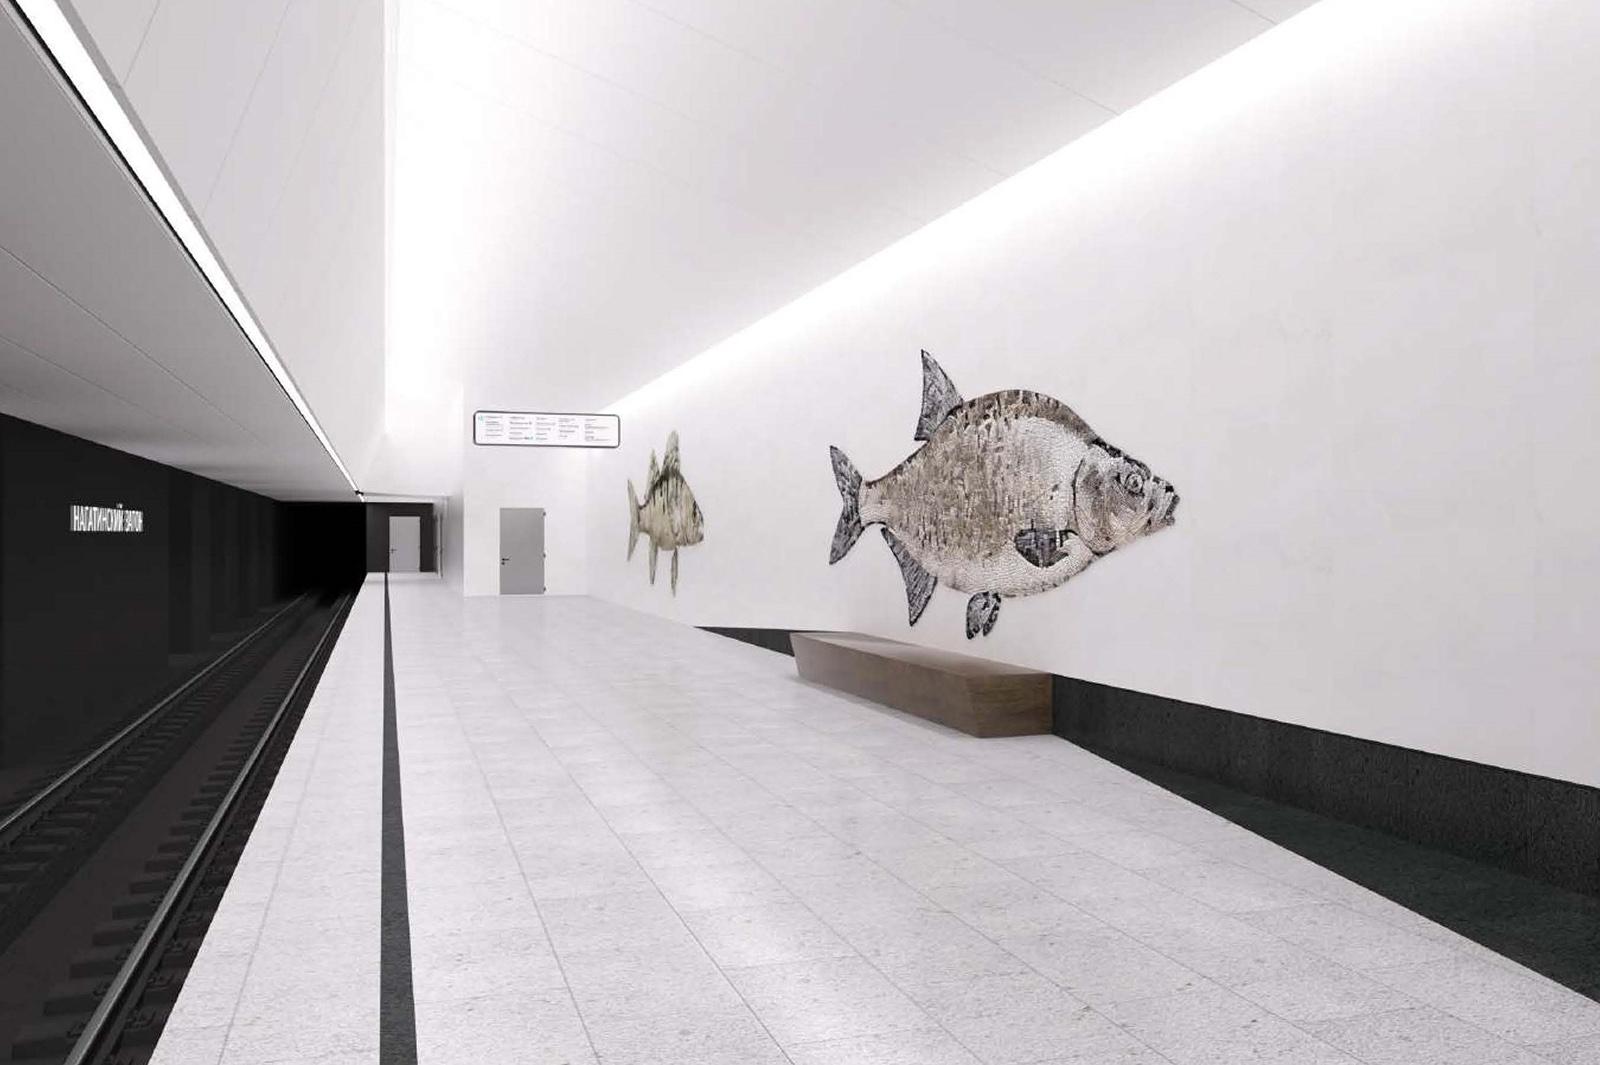 Станцию метро «Нагатинский затон» превратят в «рыбный музей»